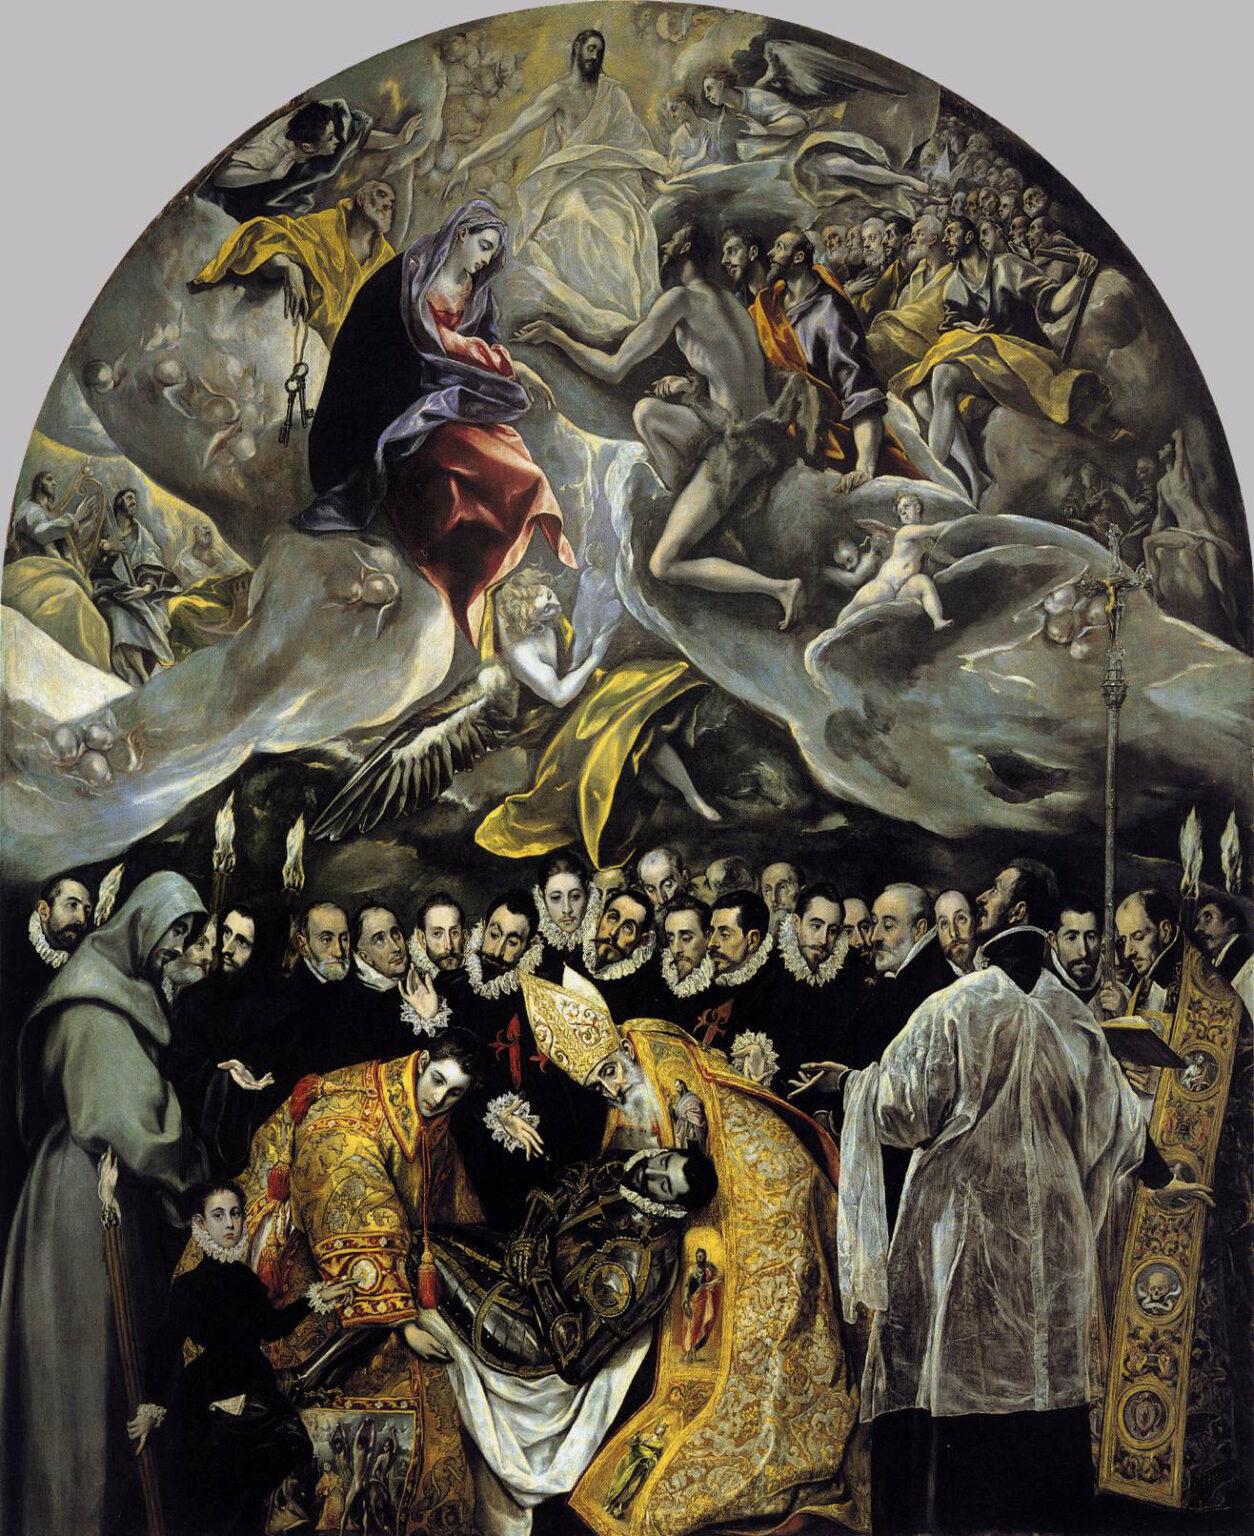 El Greco's Burial of the Count of Orgaz